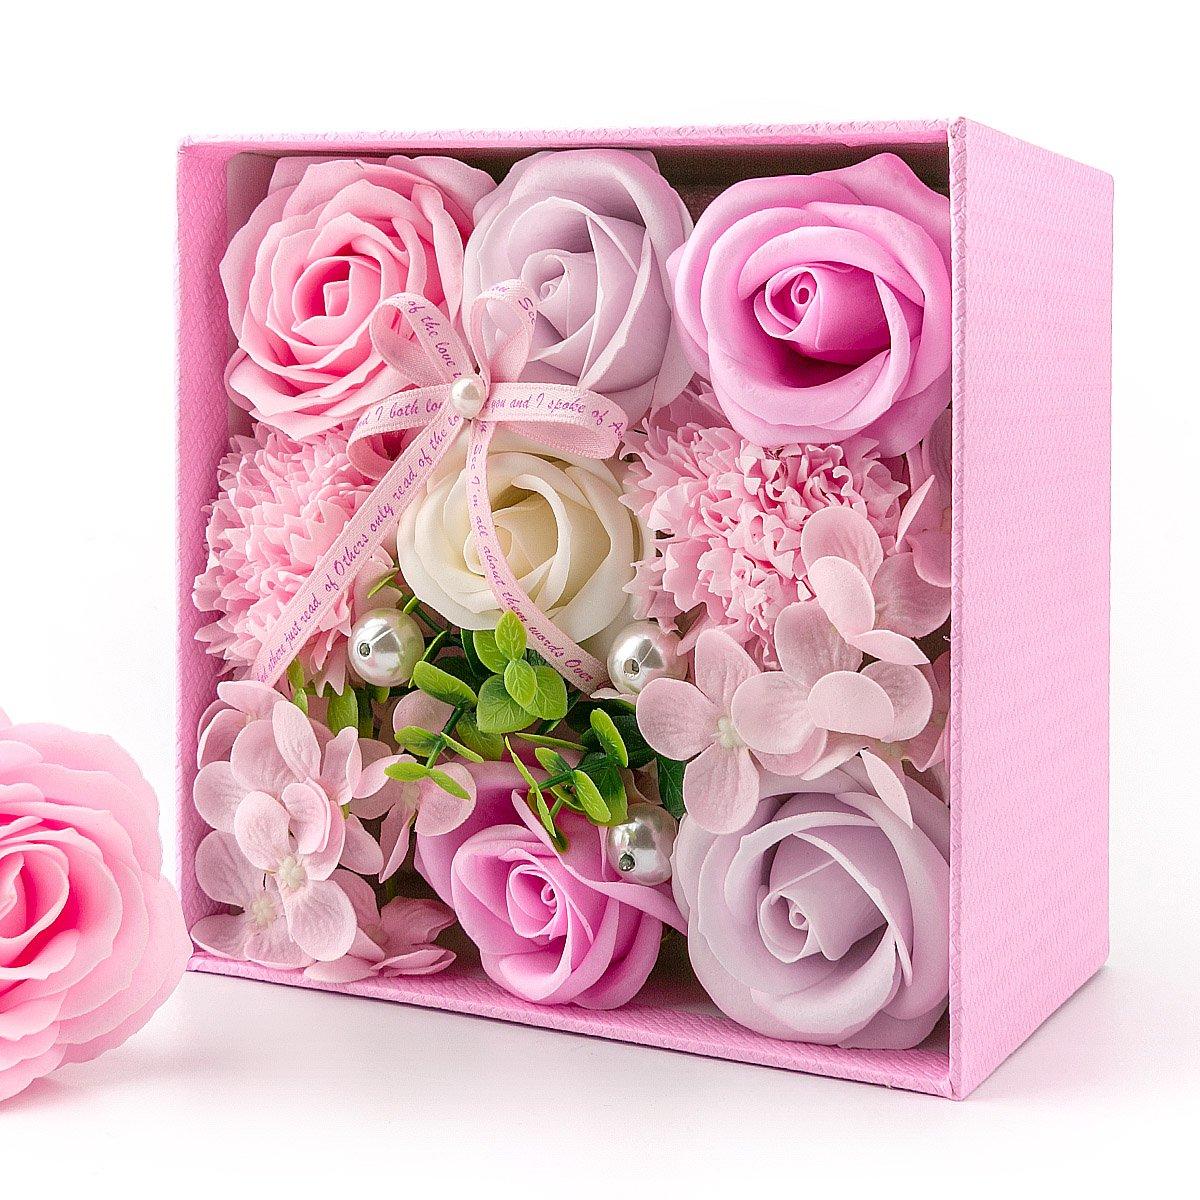 バラ型 フラワーソープ フレグランス ピンク